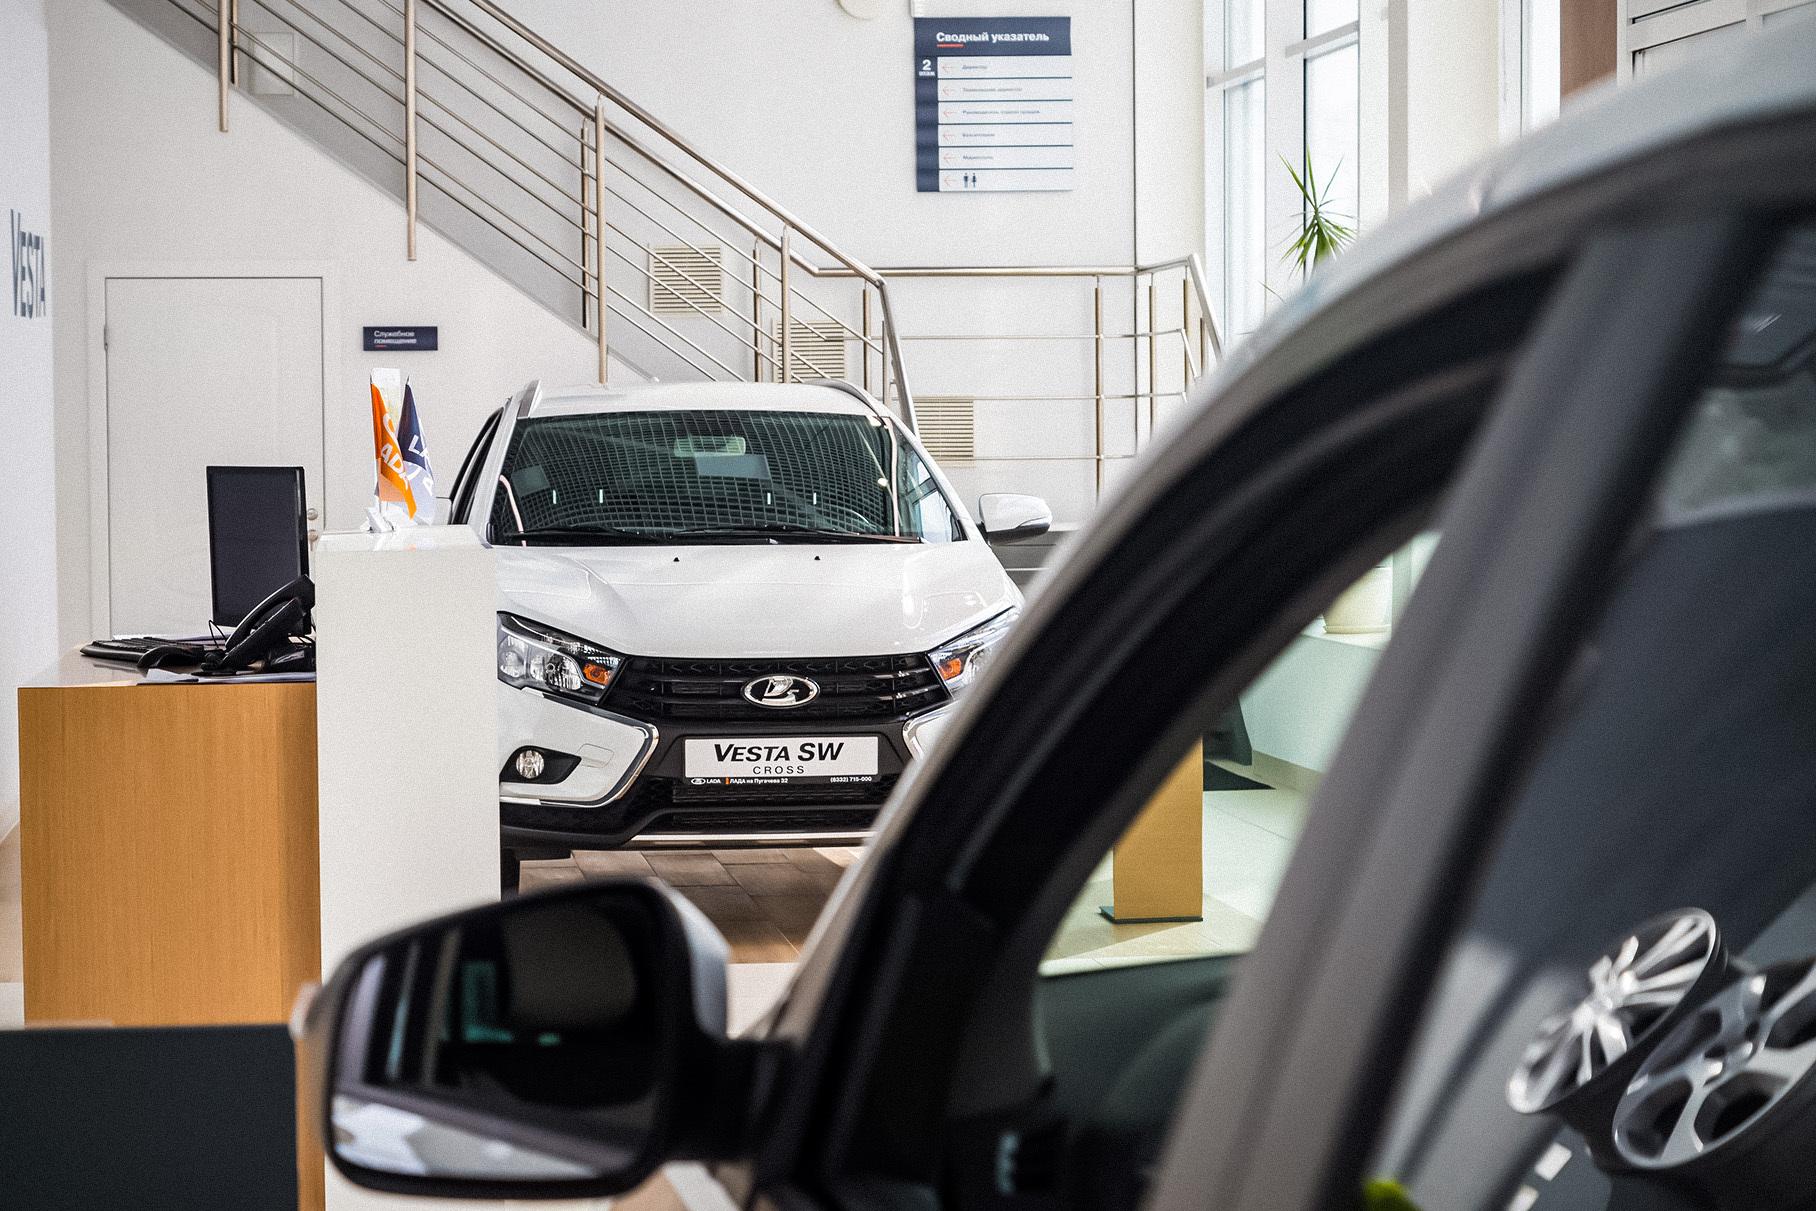 Российские дилеры продают новые Lada в два раза дороже заводской цены